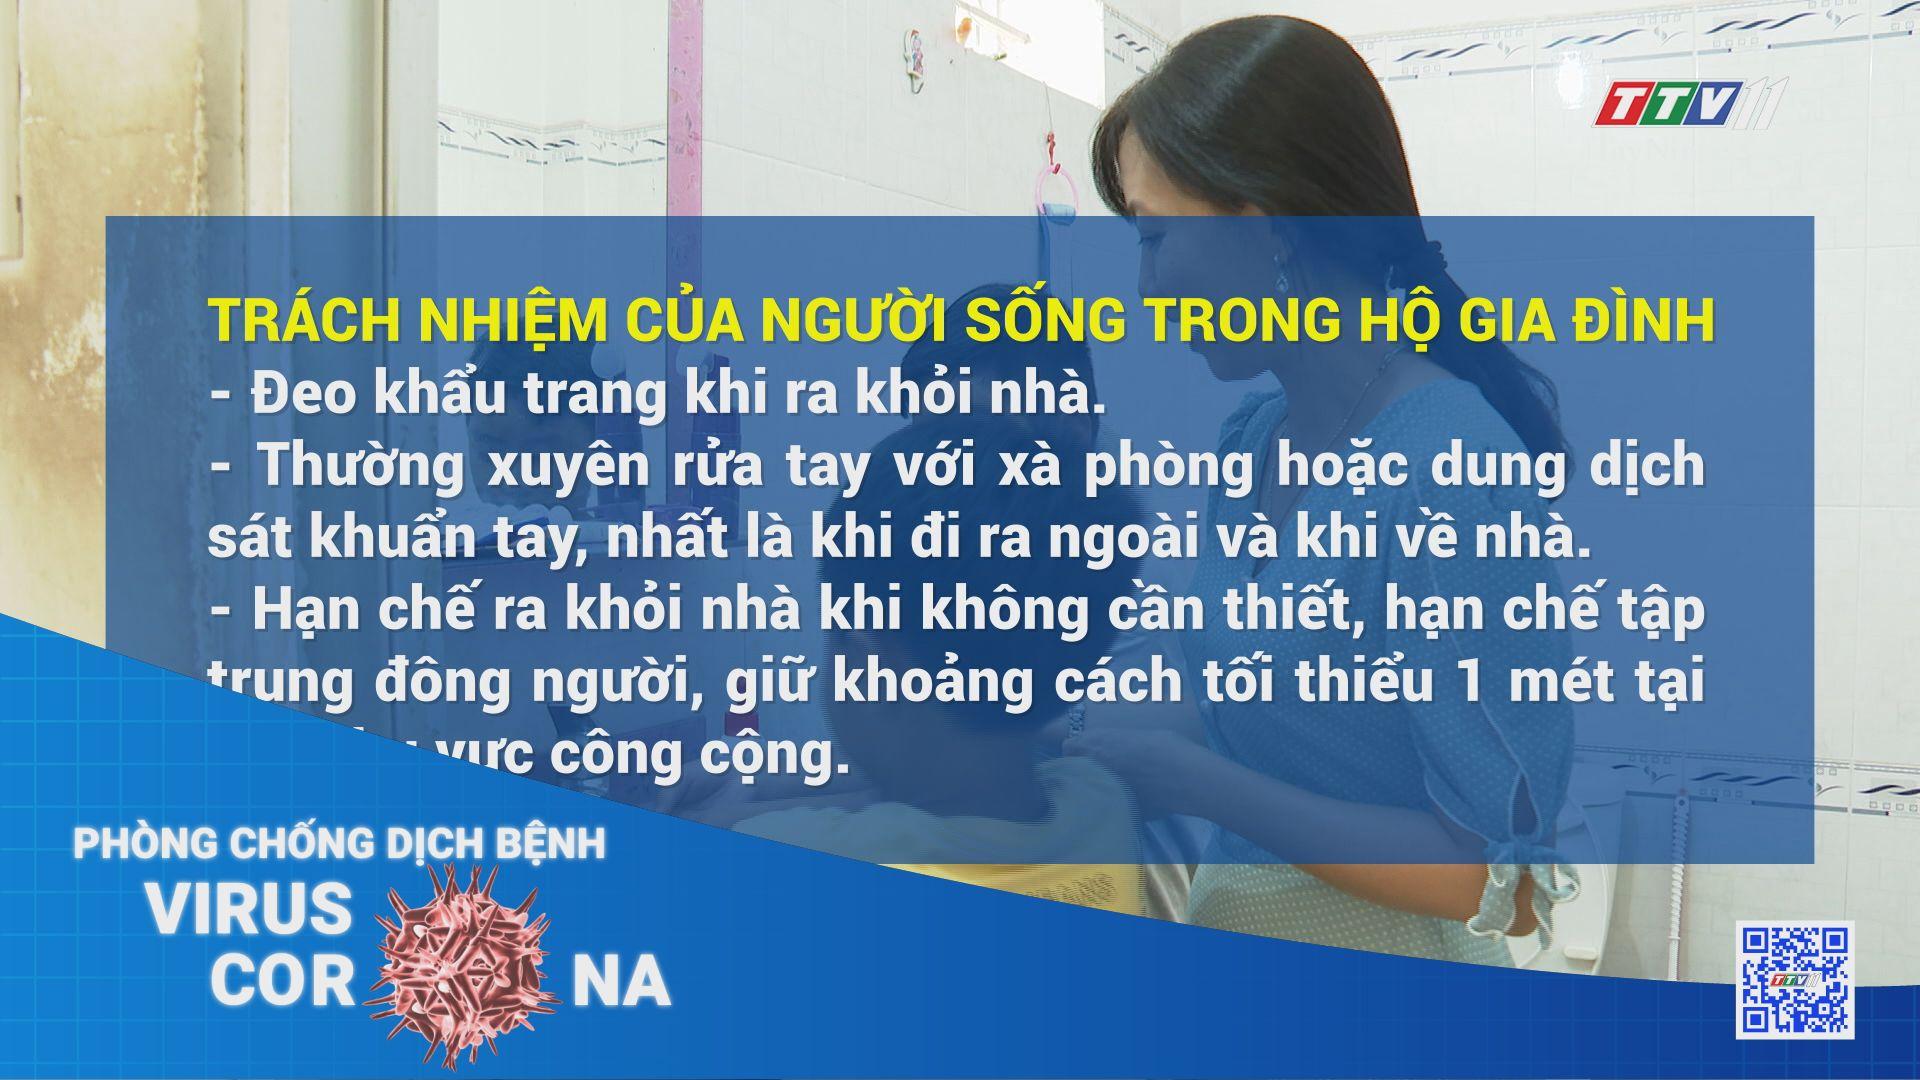 Hướng dẫn phòng chống dịch Covid-19 trong tình hình mới hộ gia đình | THÔNG TIN DỊCH CÚM COVID-19 | TayNinhTV